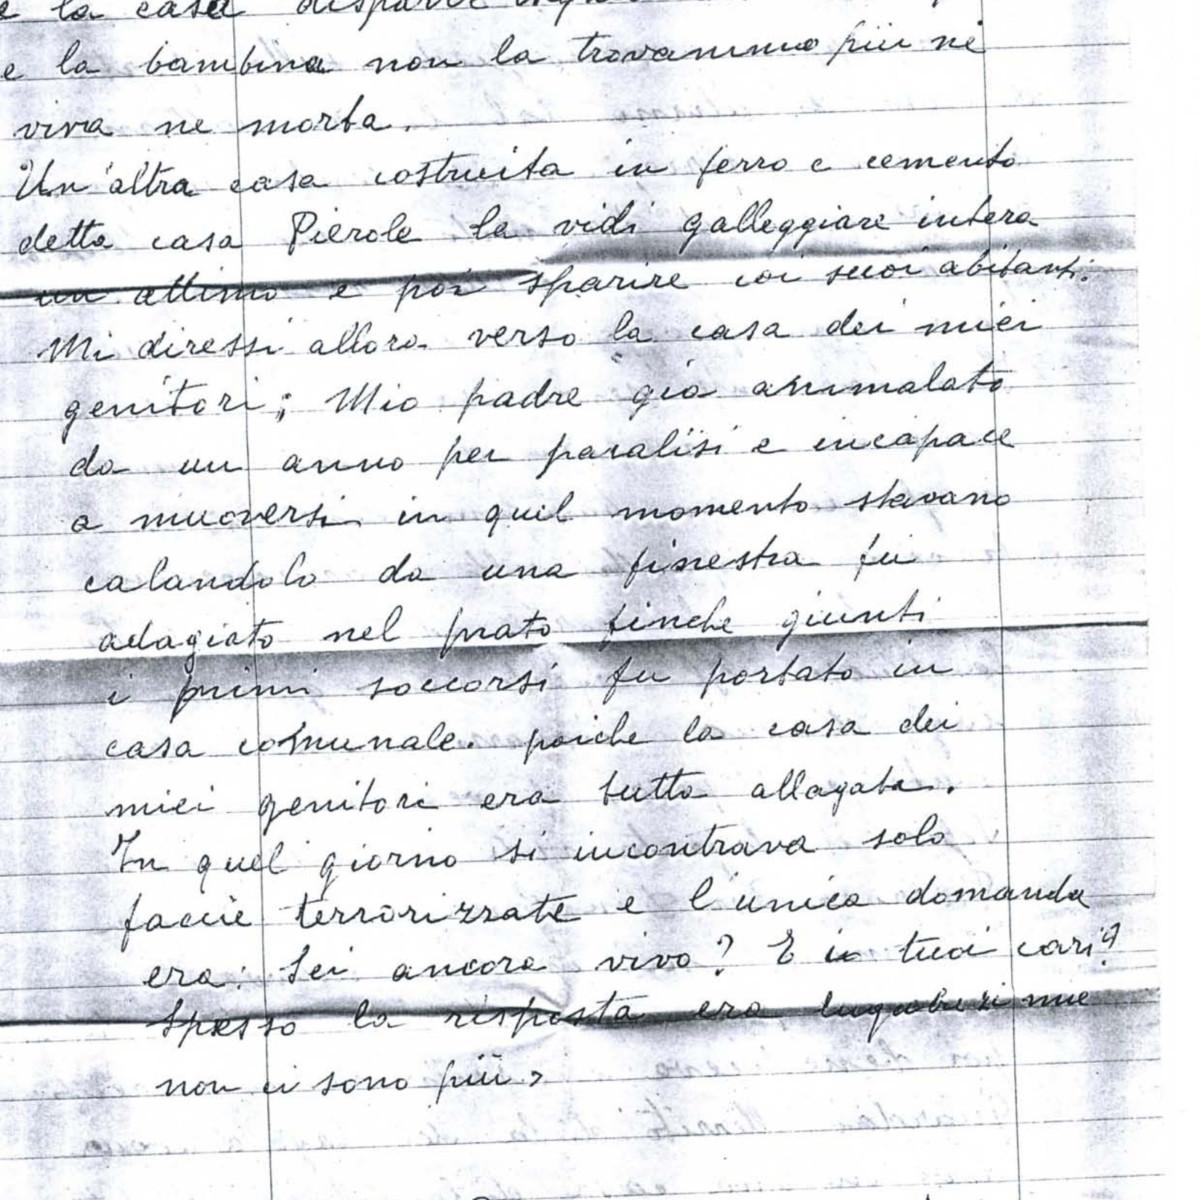 Lettera di Pedrocchi Ambrogio_02